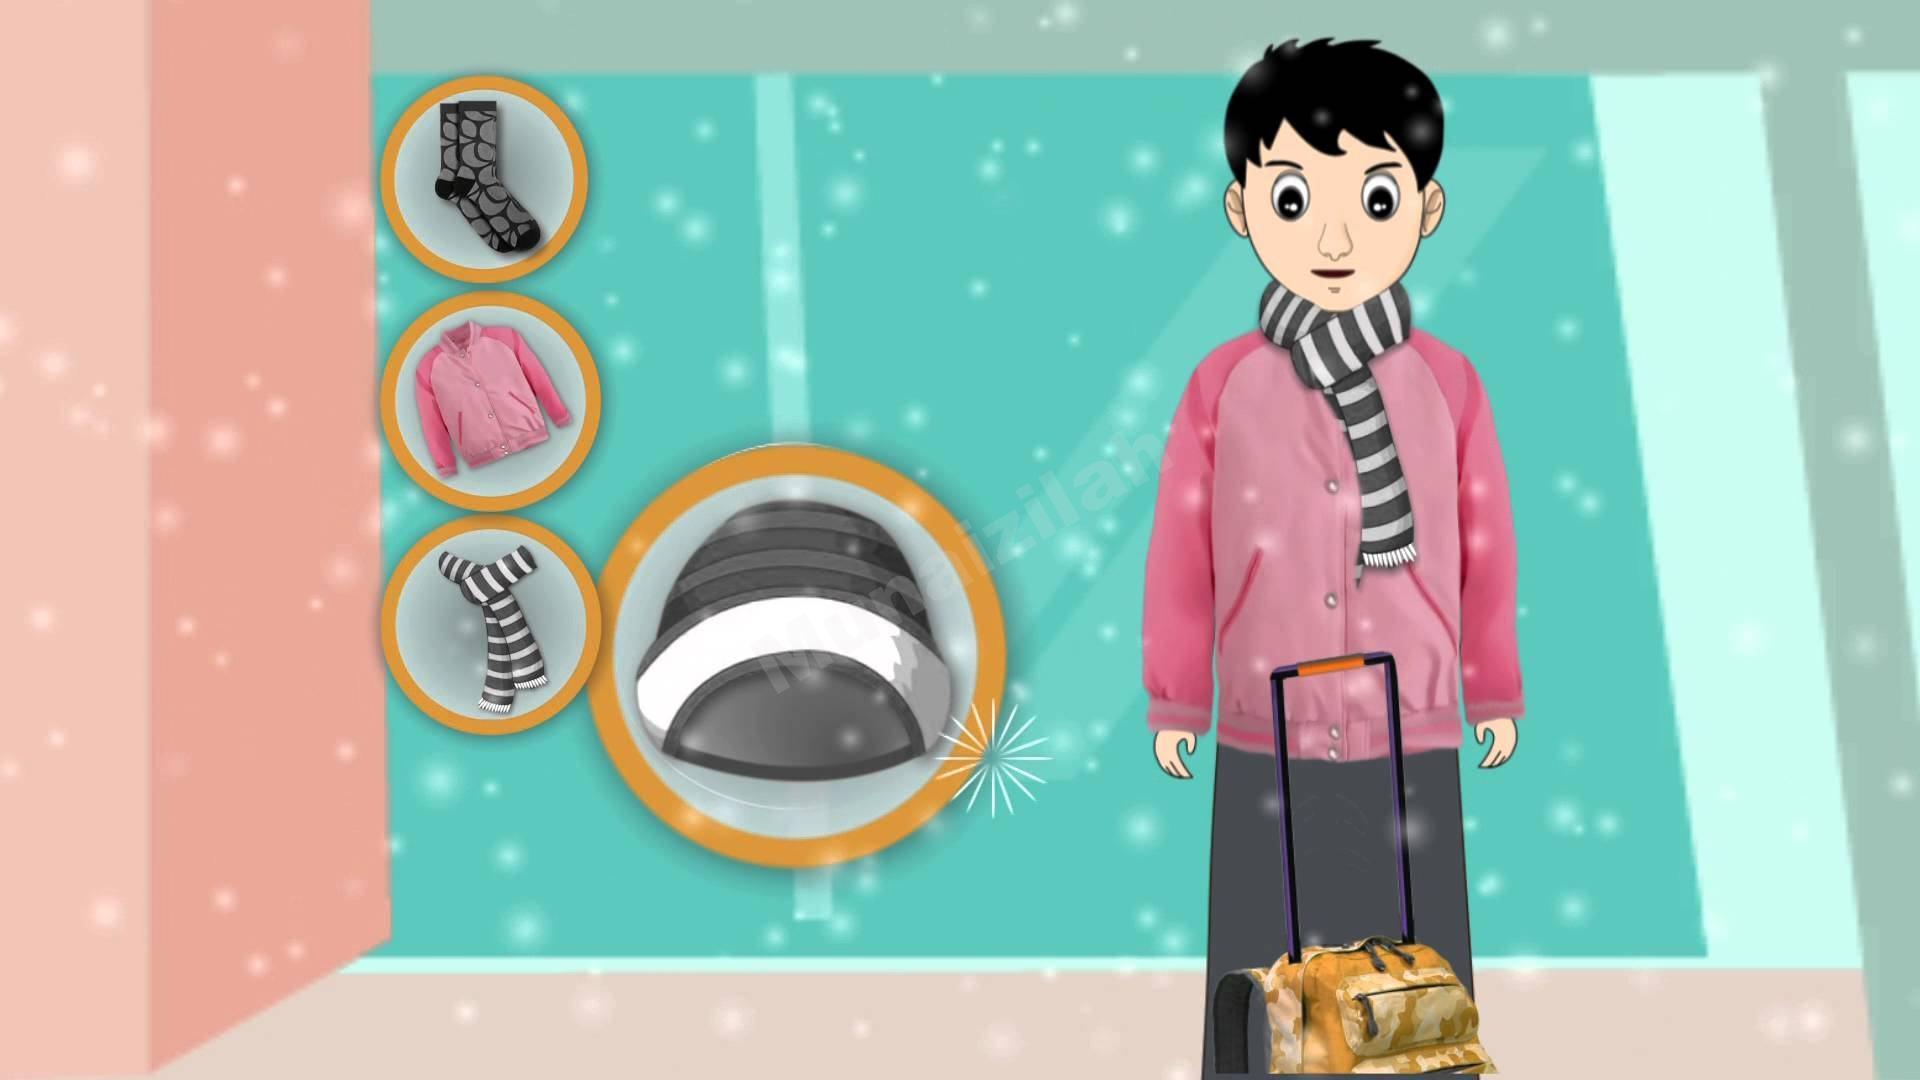 فيديو : كيف يتقي الطلاب برد الشتاء